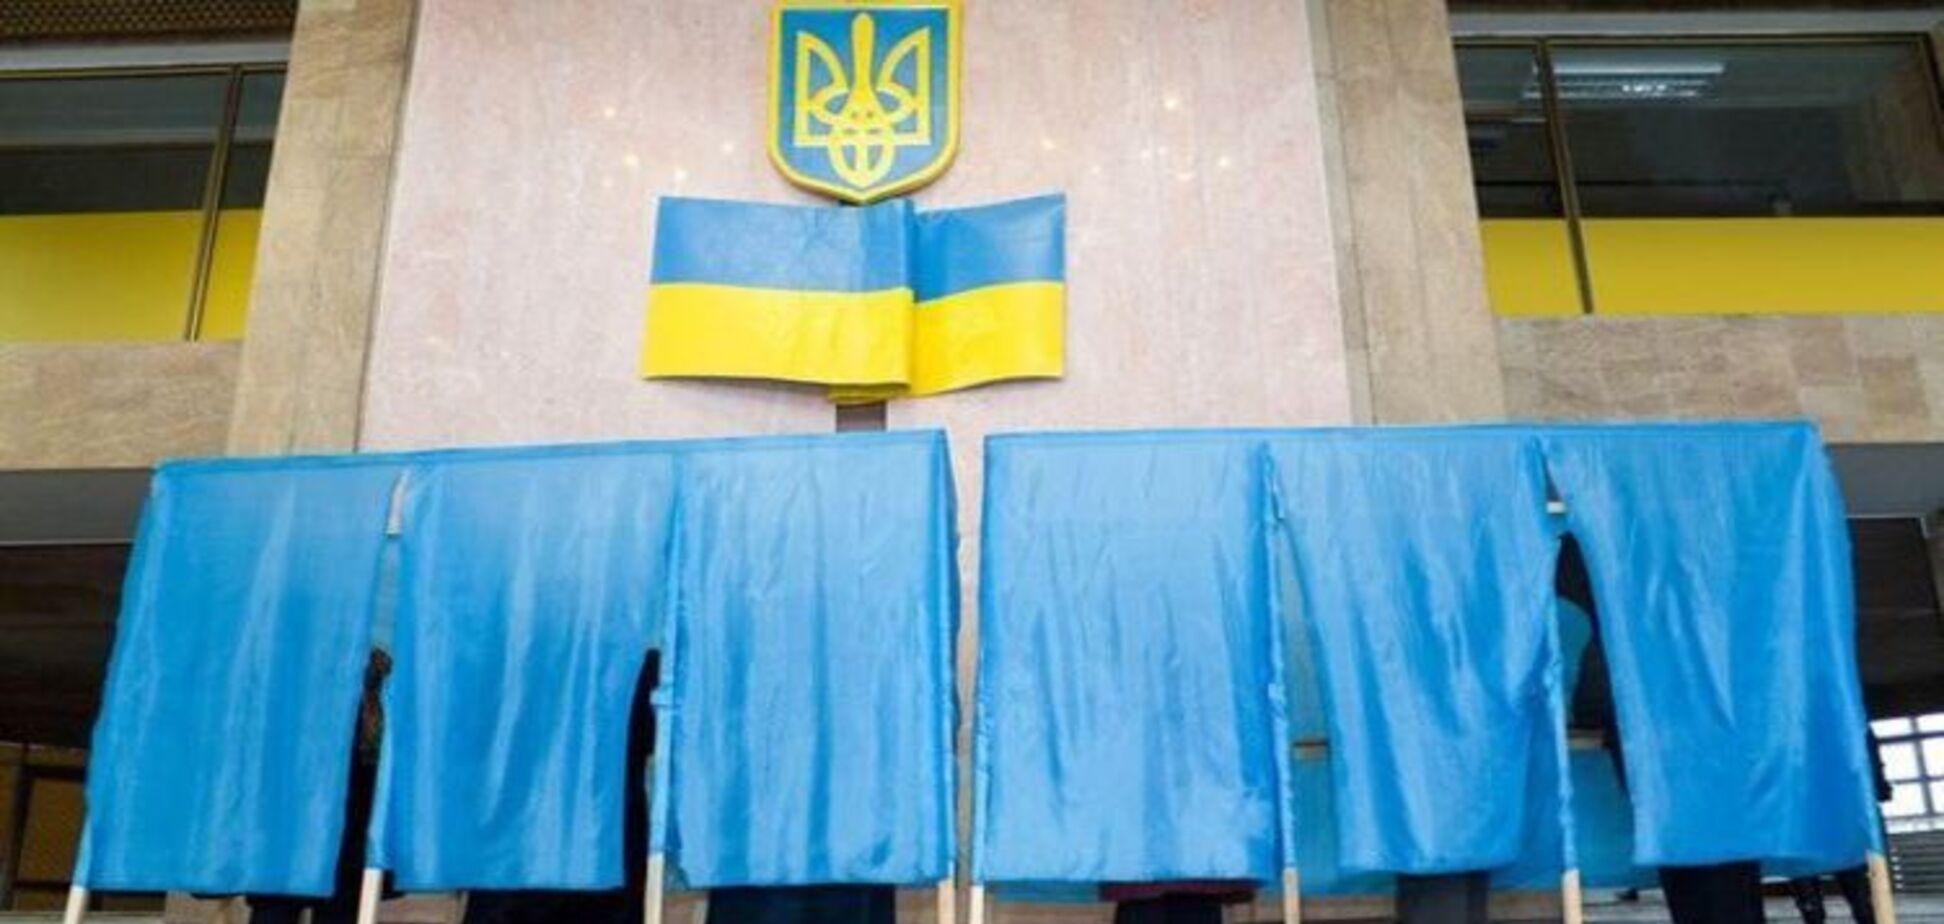 Выборы-2019: украинским избирателям дали полезный совет